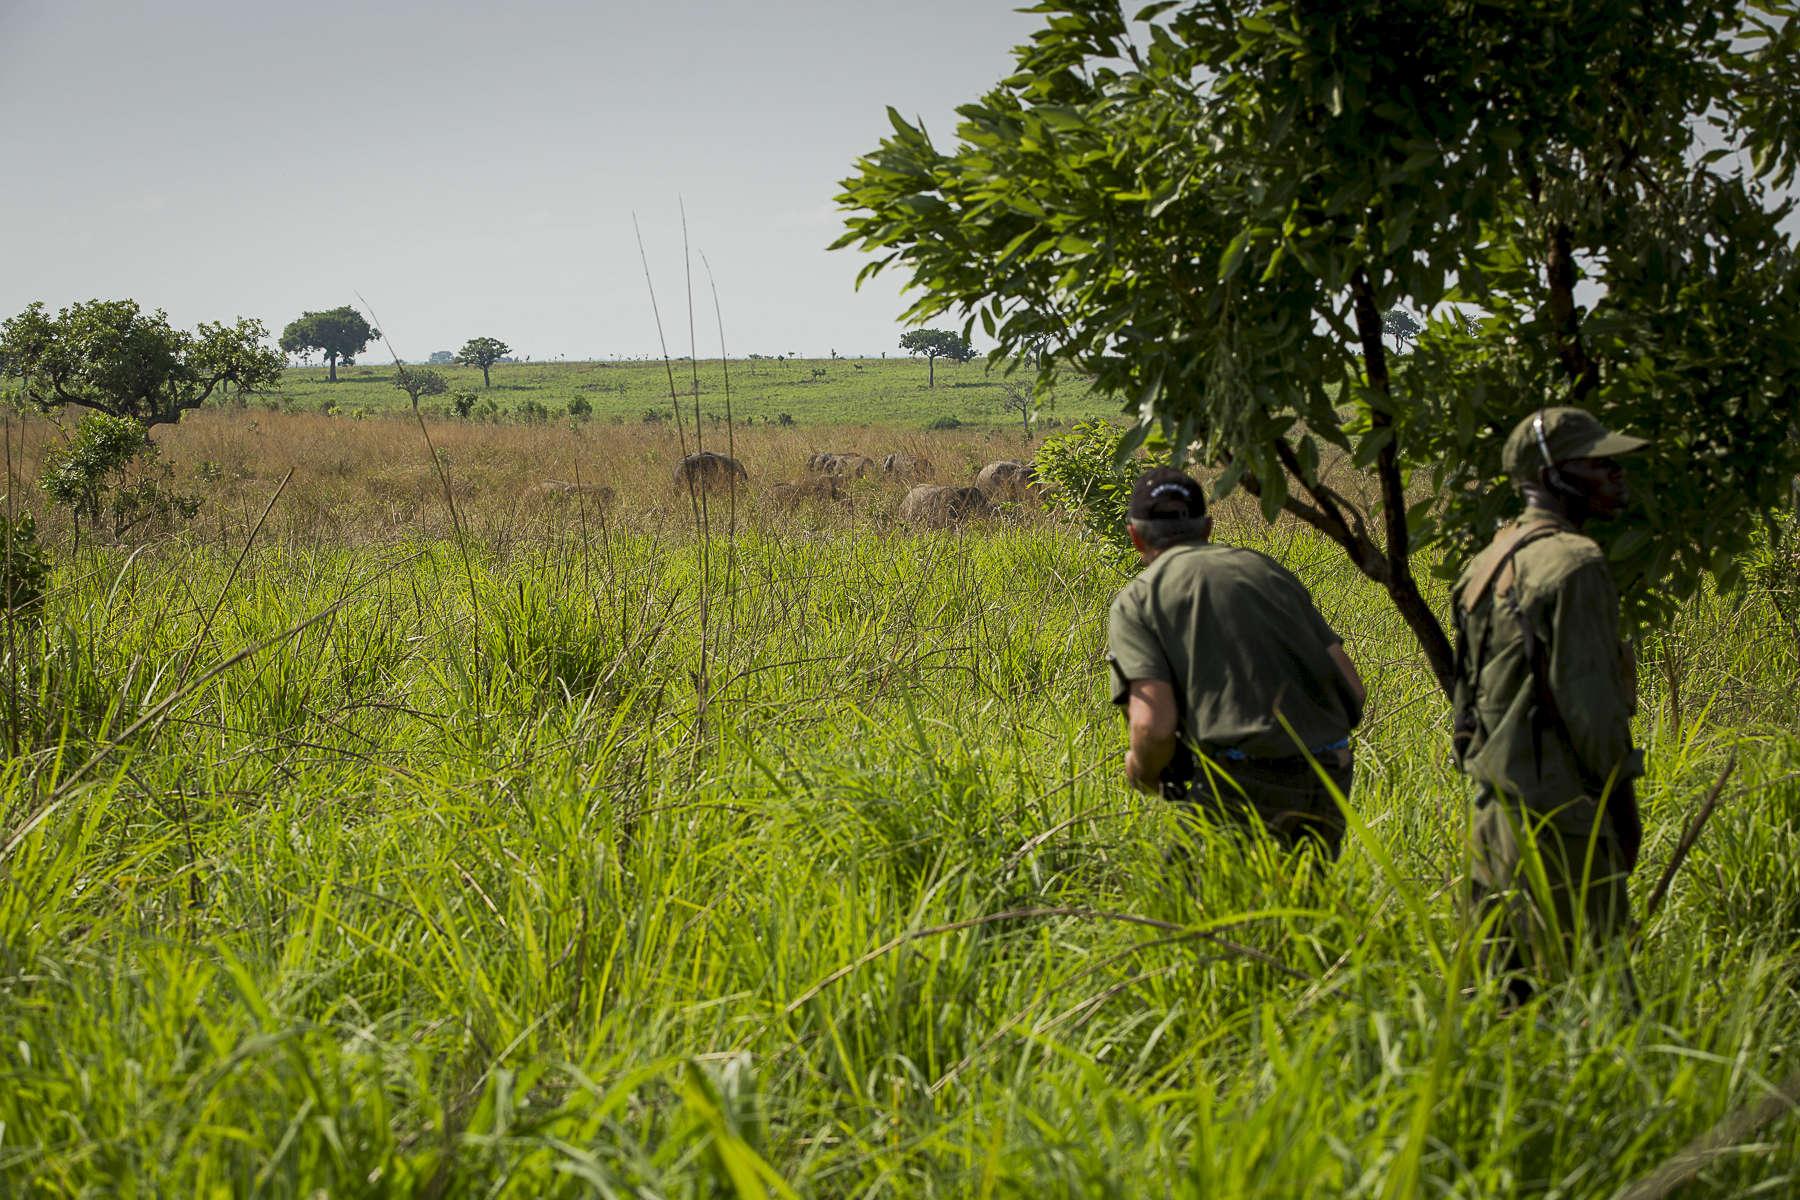 Le parc national de la Garamba, situé dans le haut Uhelé province Oriental de la République Démocratique du Congo est le refuge de la dernière grande concentration d\'elephants d\'Afrique centrale. Il n\'est pas rare d\'y observer des regroupements de 300 à 400 élephants. On y trouve de manière unique, des élephants \{quote}Forestiers\{quote} des éléphants de\{quote} savanes\{quote} et des éléphants \{quote}hybrides\{quote} qui mélanges les deux sous-éspèces. Ce parc géré par African Parks a été et reste en proie à d\'énormes difficultées dues aux incurtions de la LRA mais surtout au braconage local mais majoritairement venu du Sud Soudan dont le parc est frontalier à son extremité nord. Nous avons suivi les équipes de vétérinaitres et biologiste du parc mais aussi le vétérinaire anèstesiste sud africain Pete Morkel venu traqué et endormir des éléphants à l\'aide d\'un fusil à air comprimé et au péril de sa vie, afin de poser des colliers émméteurs sur lmes annimaux. Grace à la géolocalisation via satelites, les équipes de Luis Aranz le directeur du parc, pourrons suivre la migration des élephants hors du parc et mieux les protéger des braconniers.